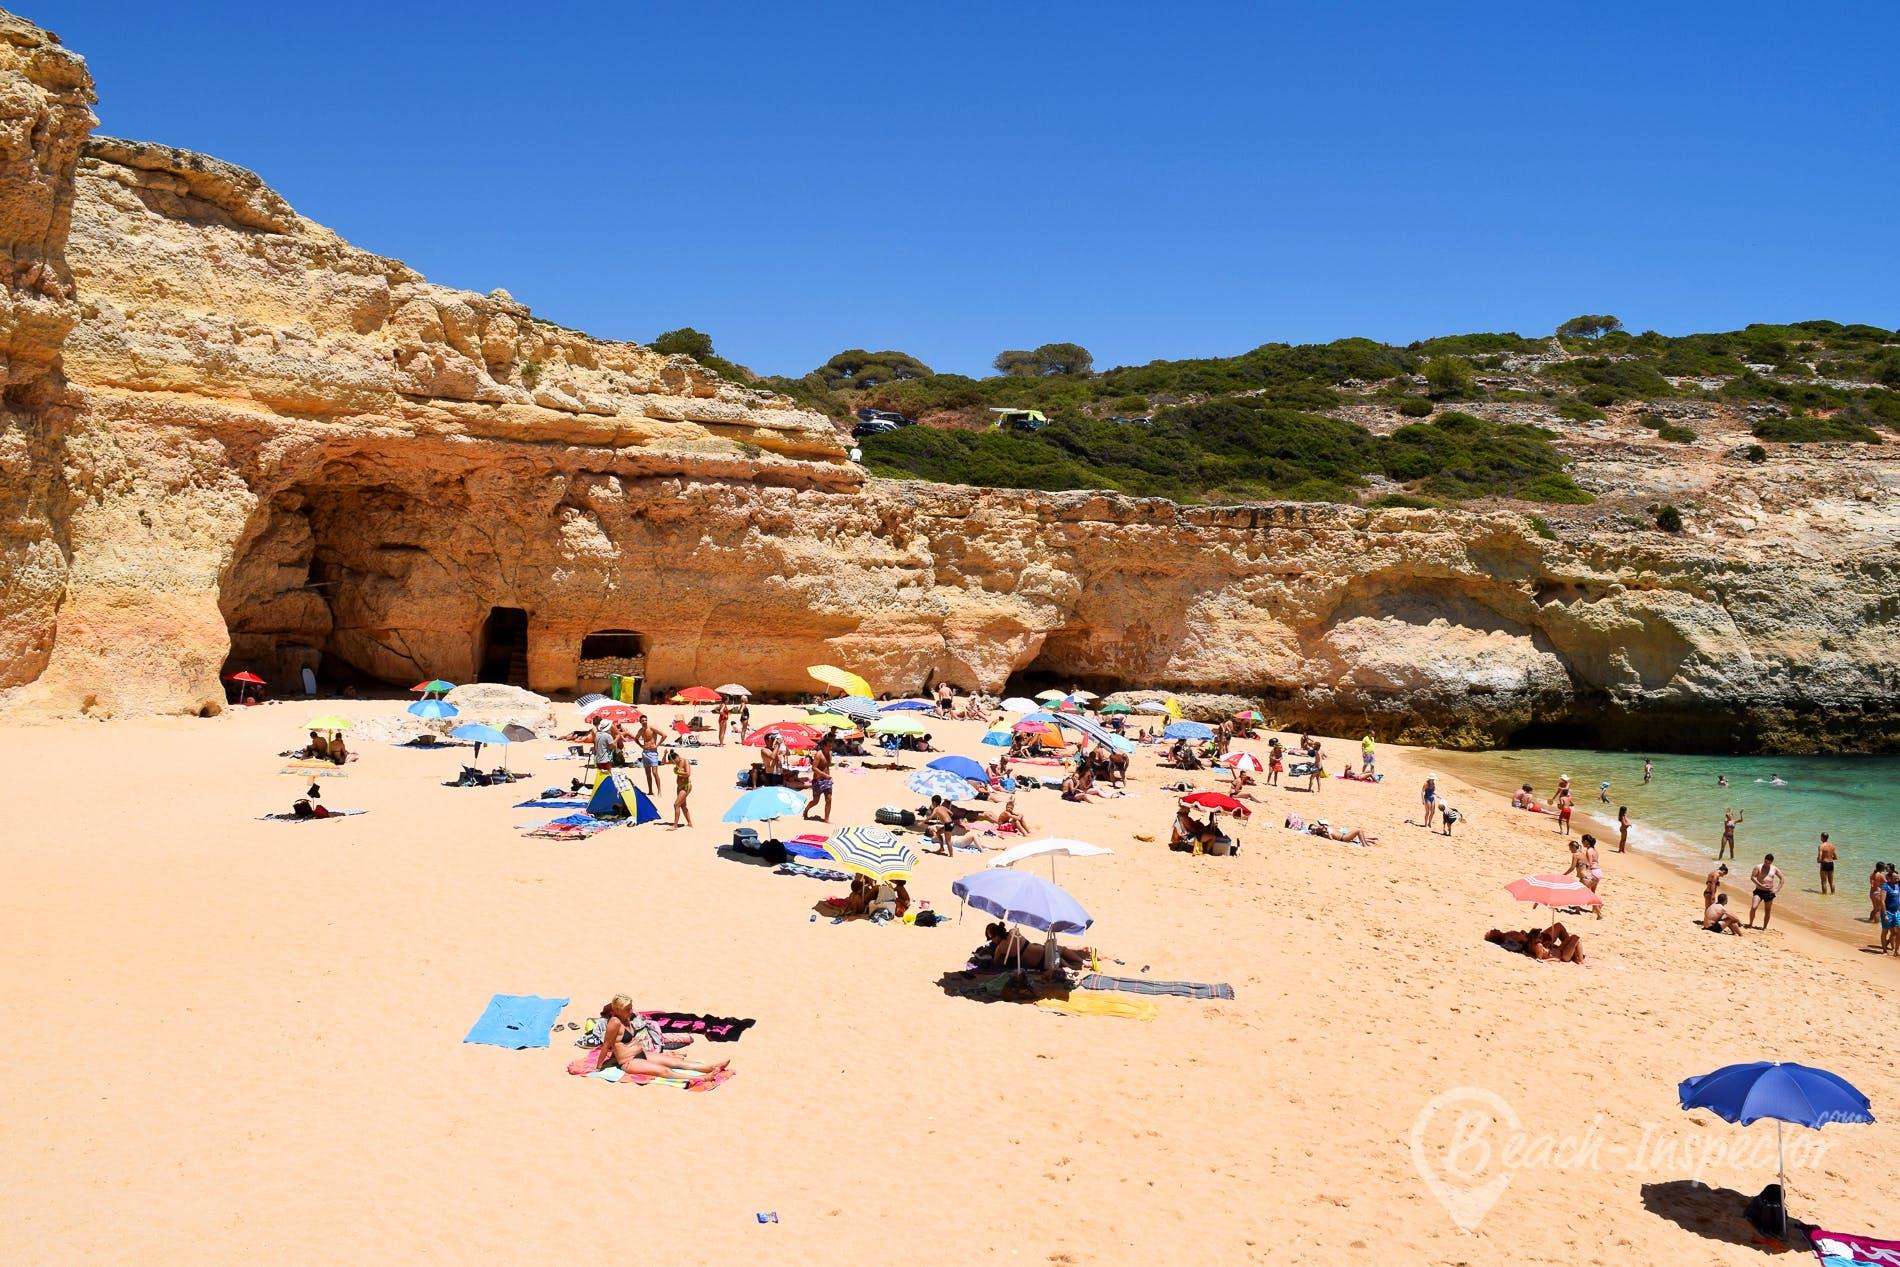 Beach Praia Do Carvalho, Algarve, Portugal